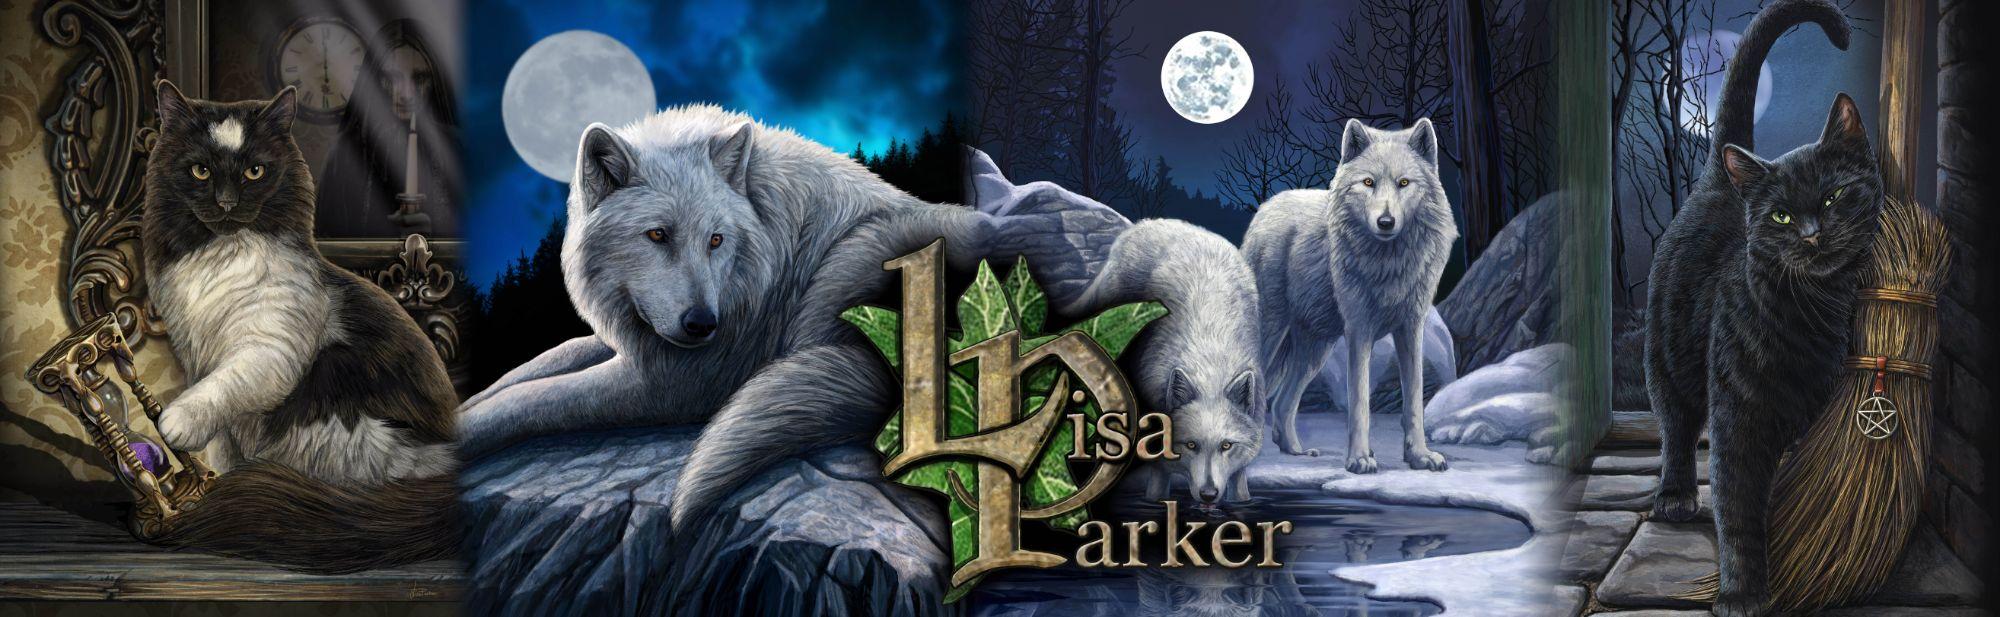 Lisa-Parker